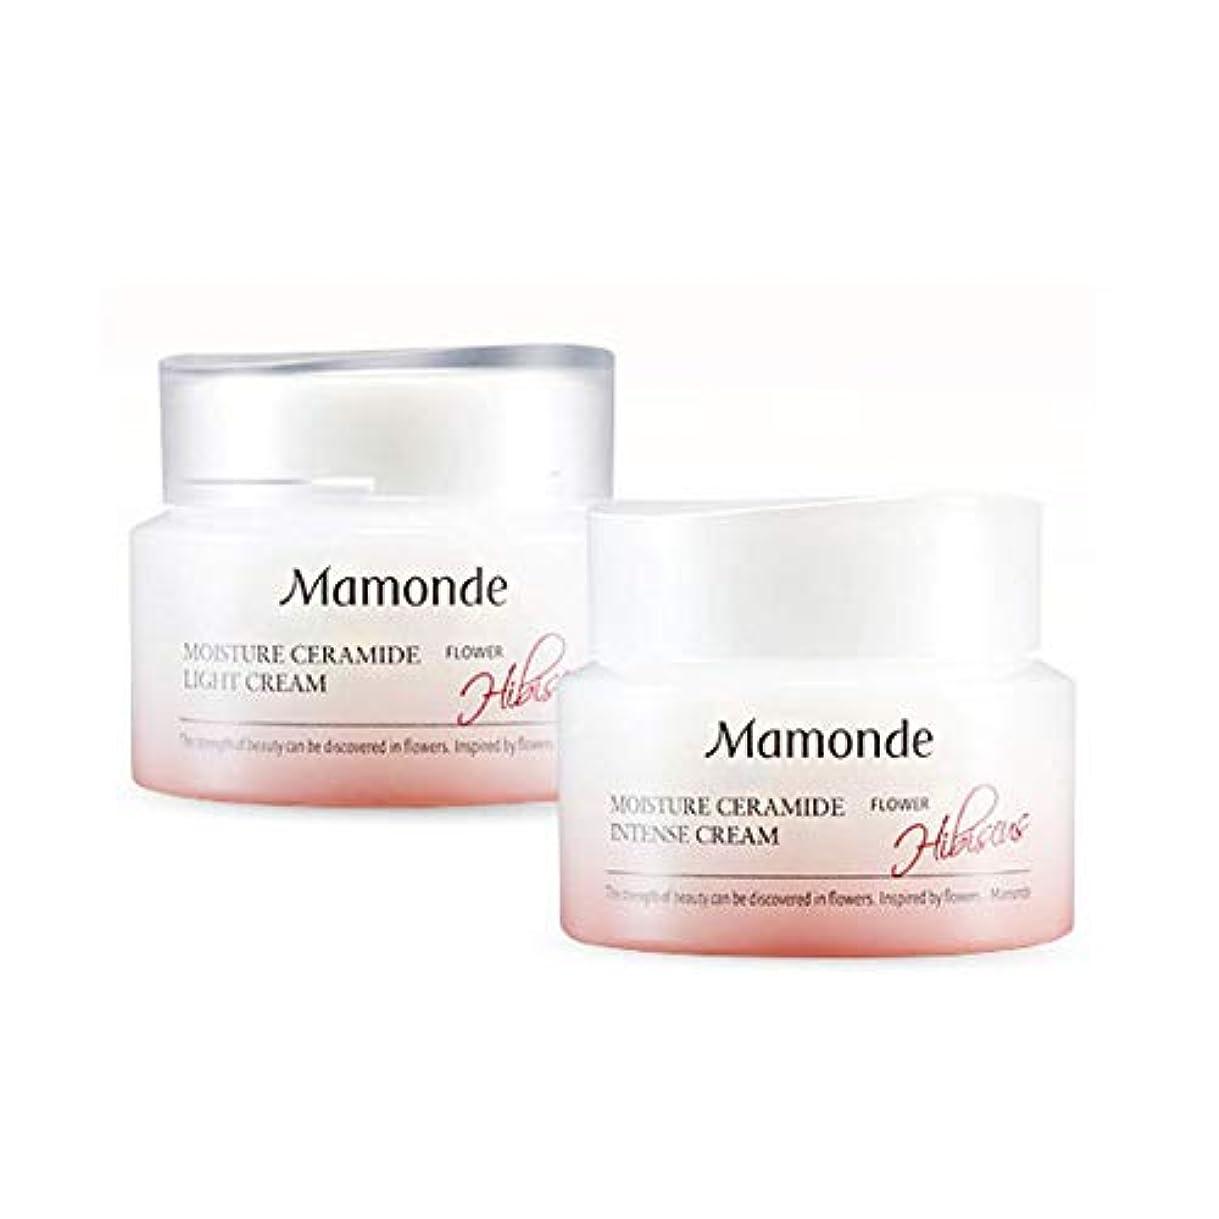 バンドル偽善者カップマモンドモイスチャーセラミドインテンスクリーム50mlx2本セット韓国コスメ、Mamonde Moisture Ceramide Intense Cream 50ml x 2ea Set Korean Cosmetics...